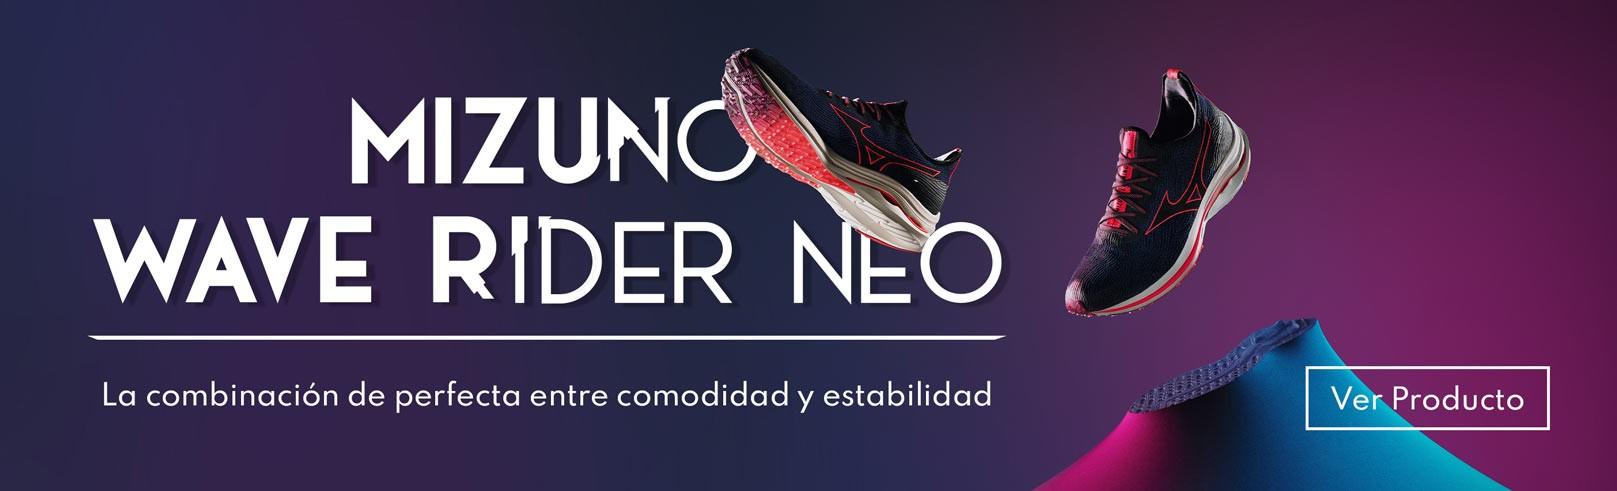 mizuno wave rider neo. Tienda Mizuno zapatillas de running España y Canarias